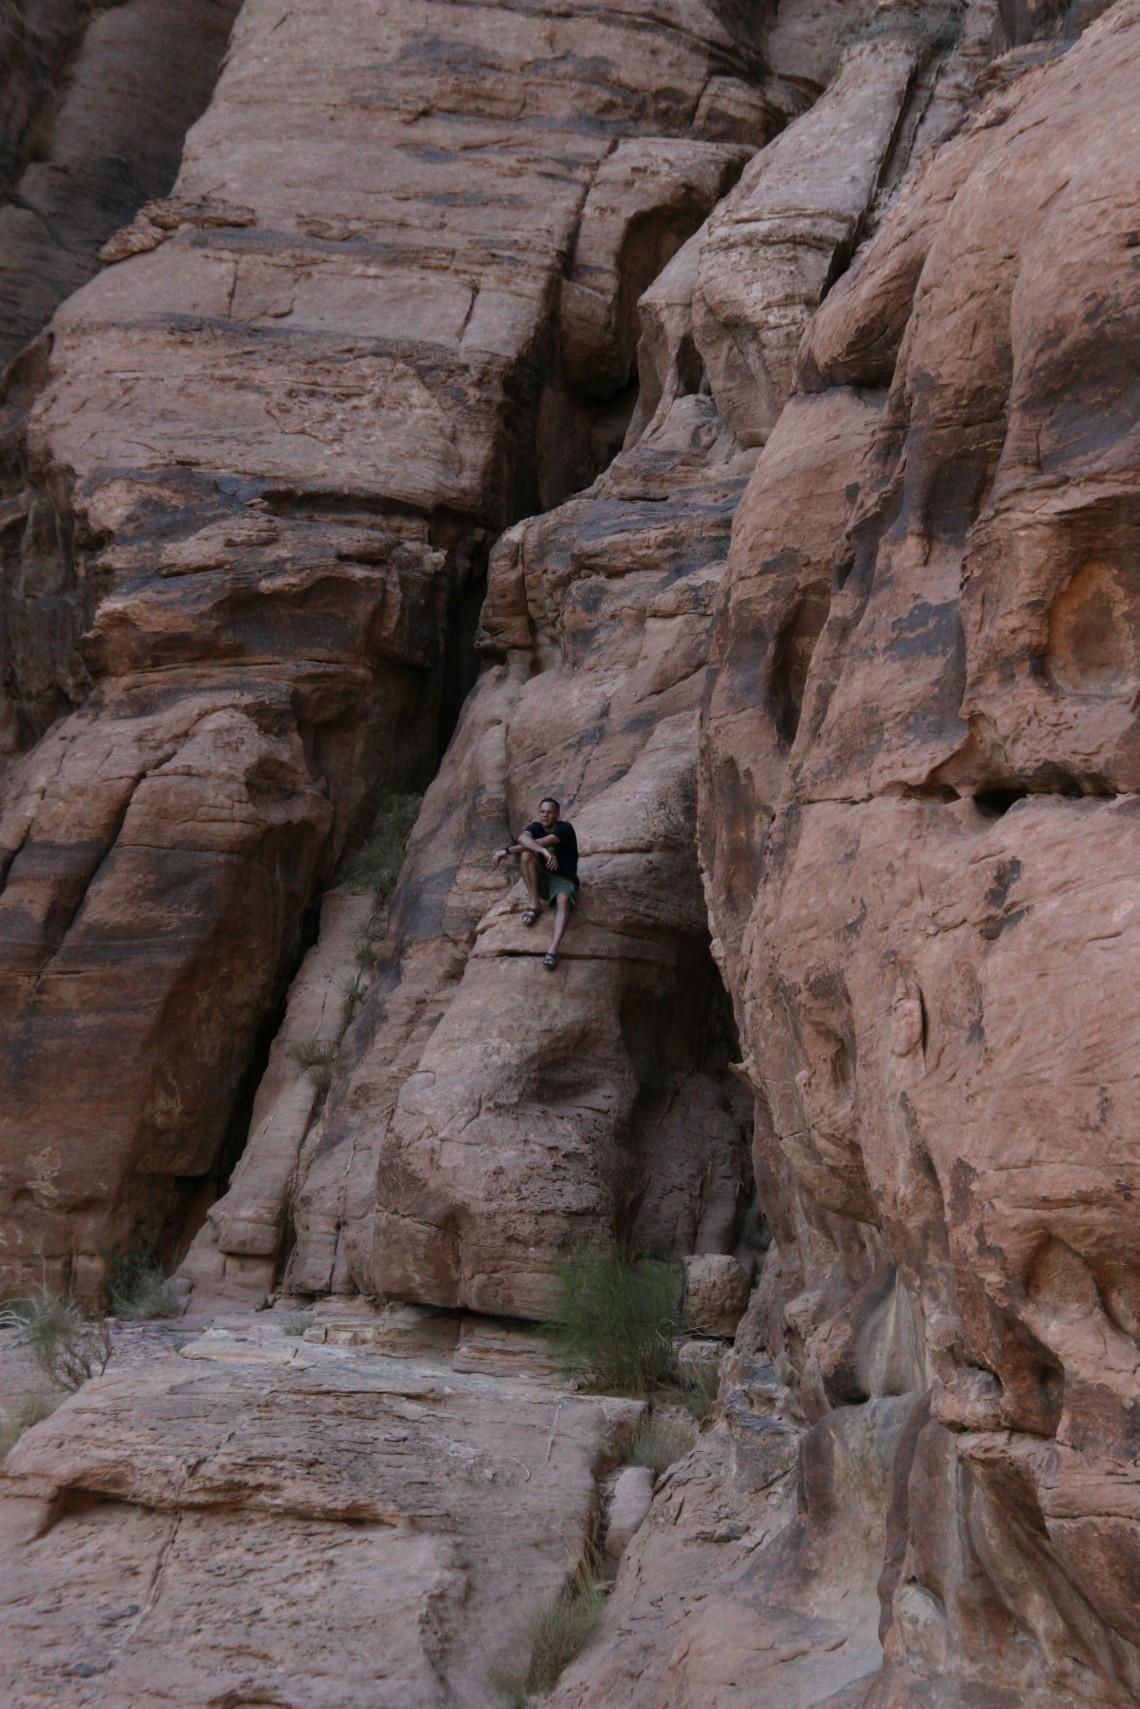 JordanWadiRumDaverocksSept2010-2